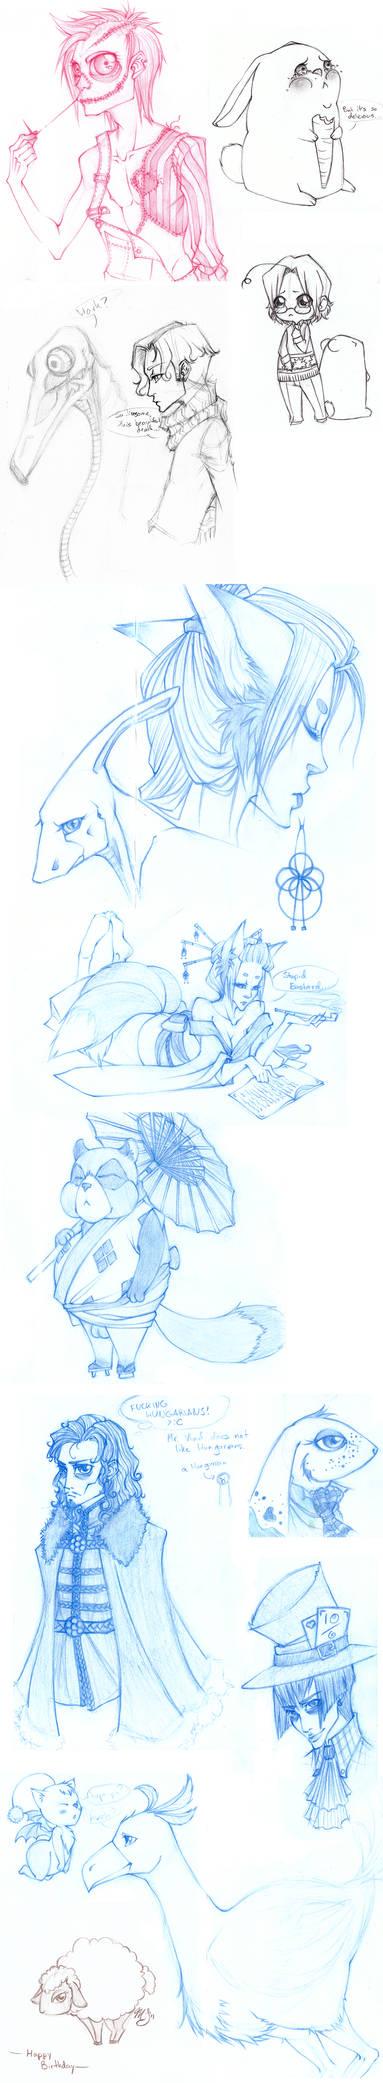 Sketch Dump n.02